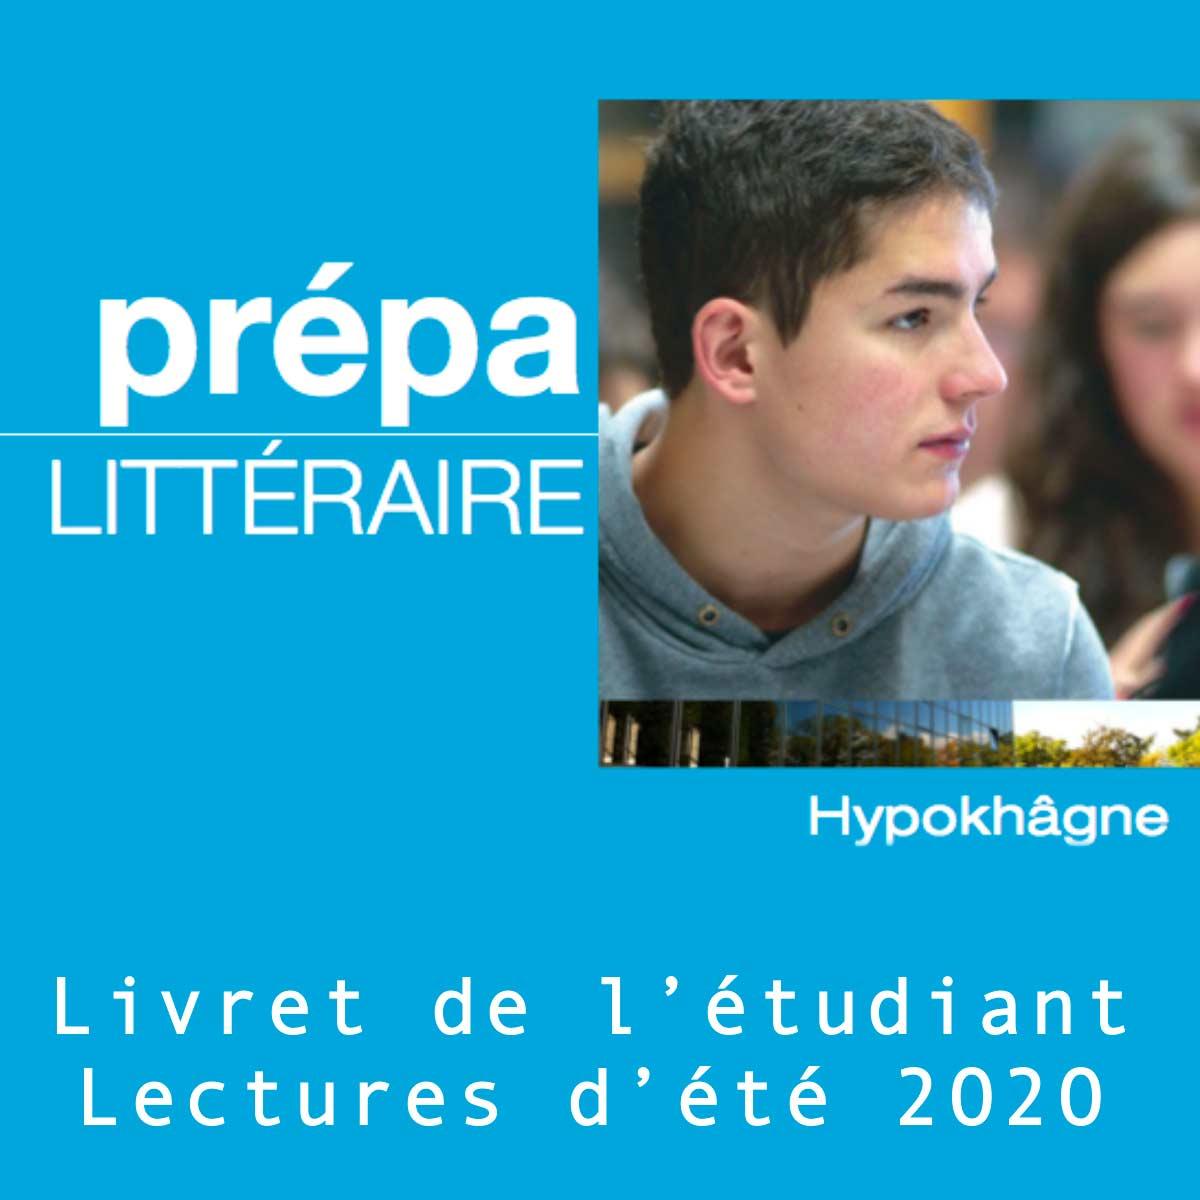 LECTURES ET TRAVAUX D'ÉTÉ 2020